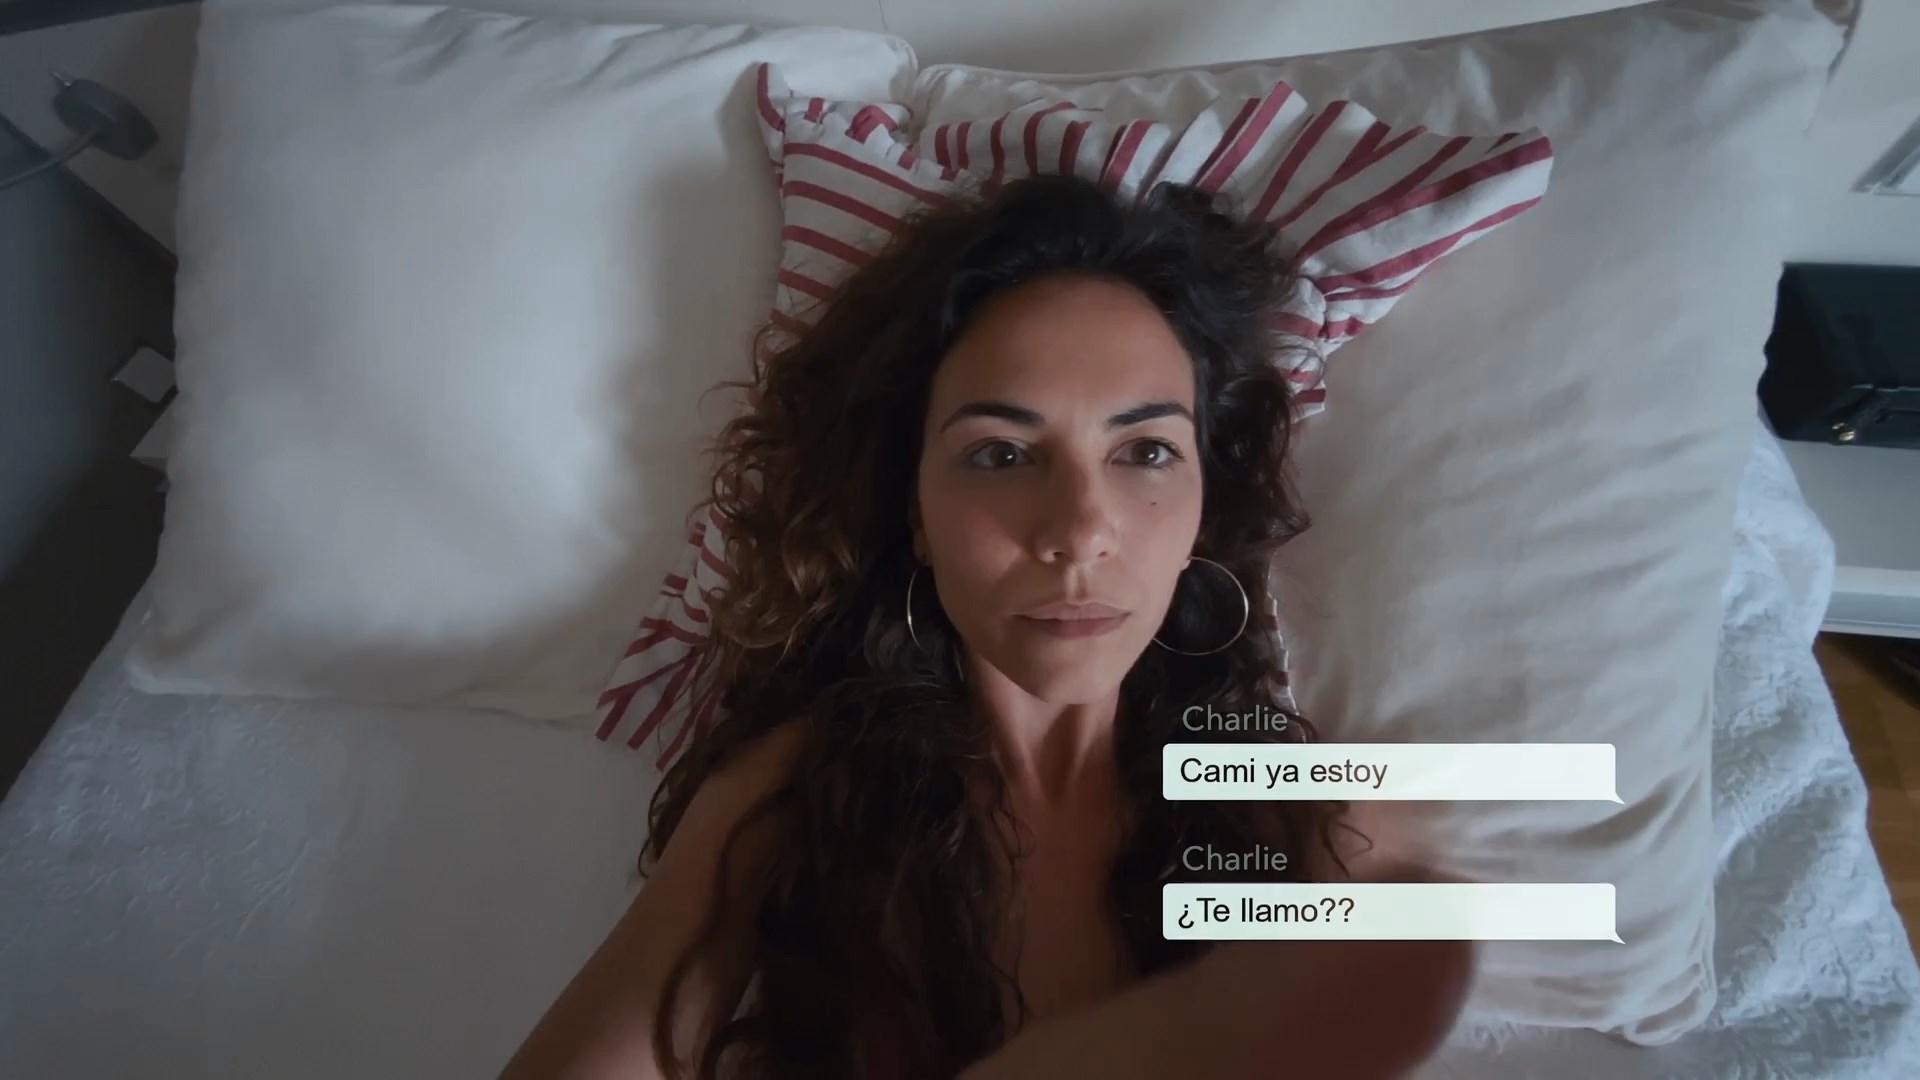 La treintena (2020) 1080p WEB-DL